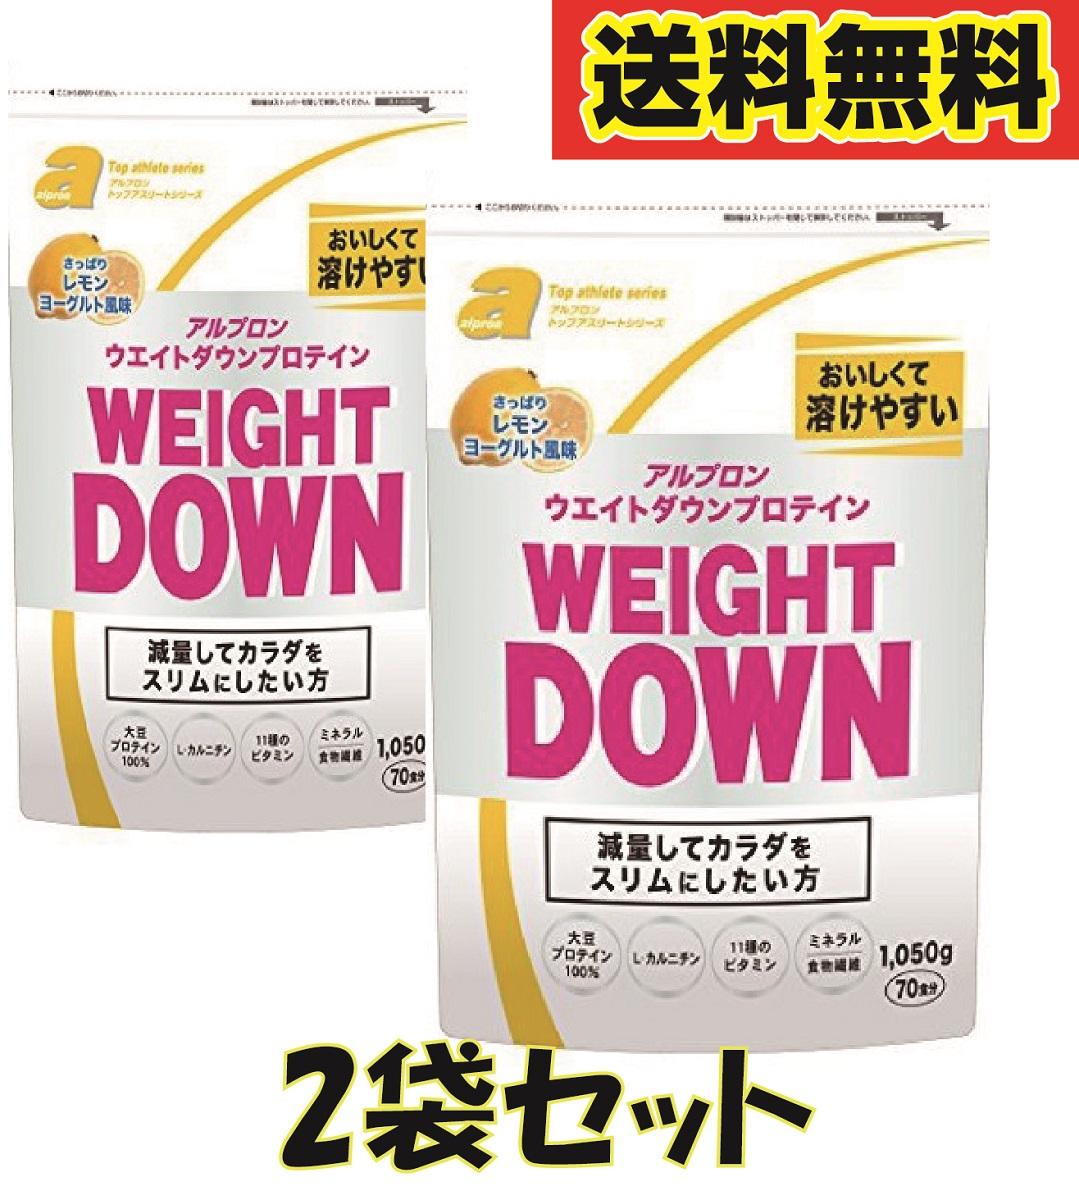 【2袋セット】【送料無料】アルプロン -ALPRON- ウェイトダウンプロテイン 1,050g×2 レモンヨーグルト味